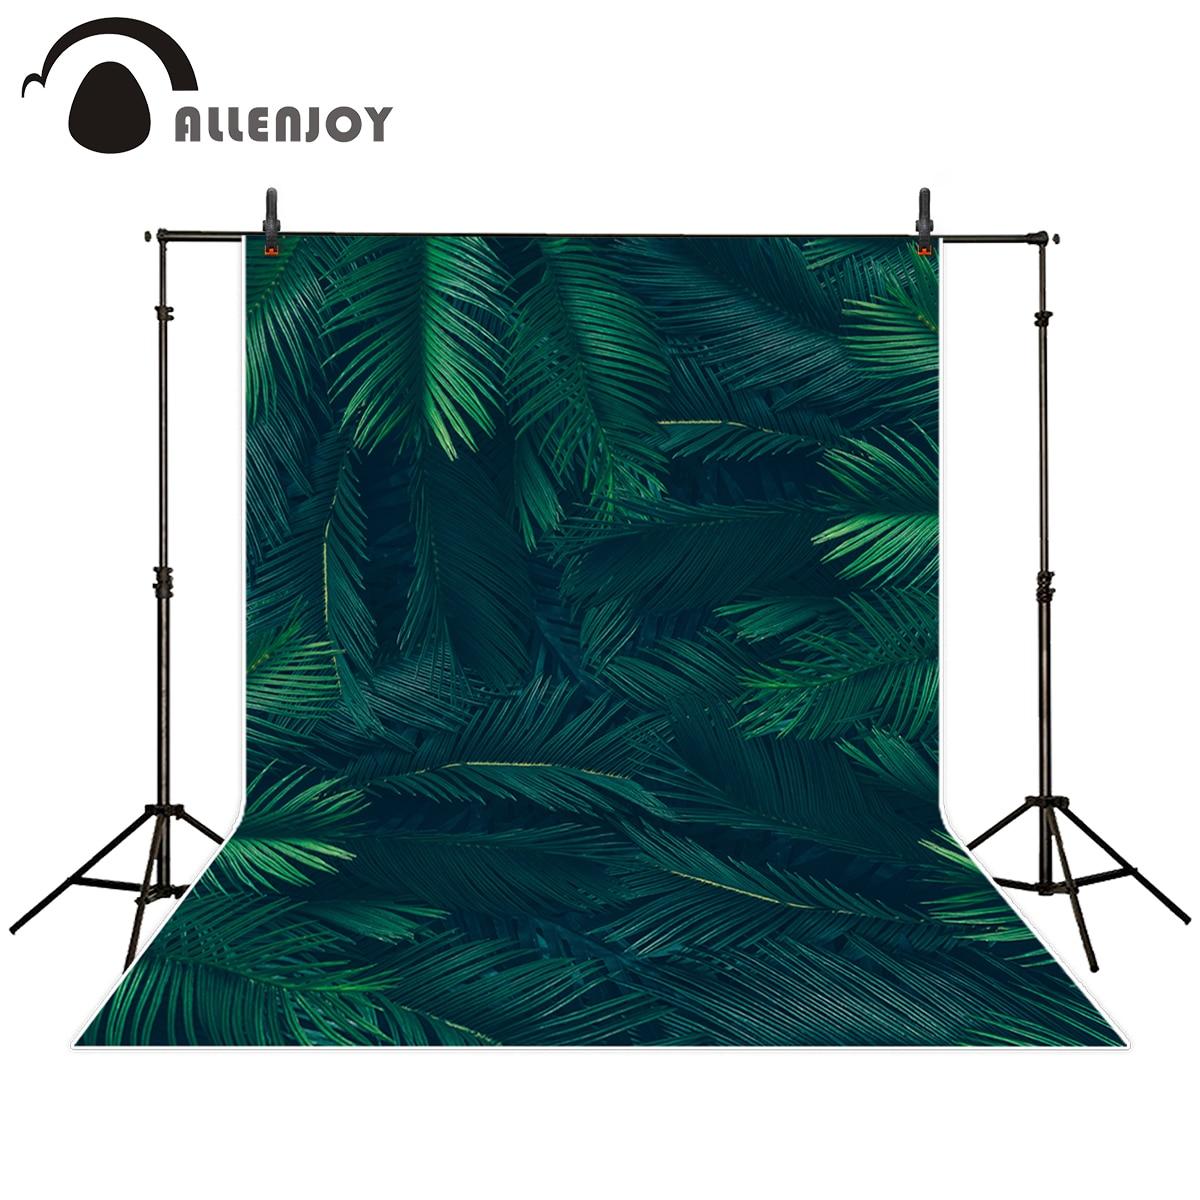 photobooth exterieur photobooth exterieur with photobooth exterieur top nhsitez pas lorsque. Black Bedroom Furniture Sets. Home Design Ideas